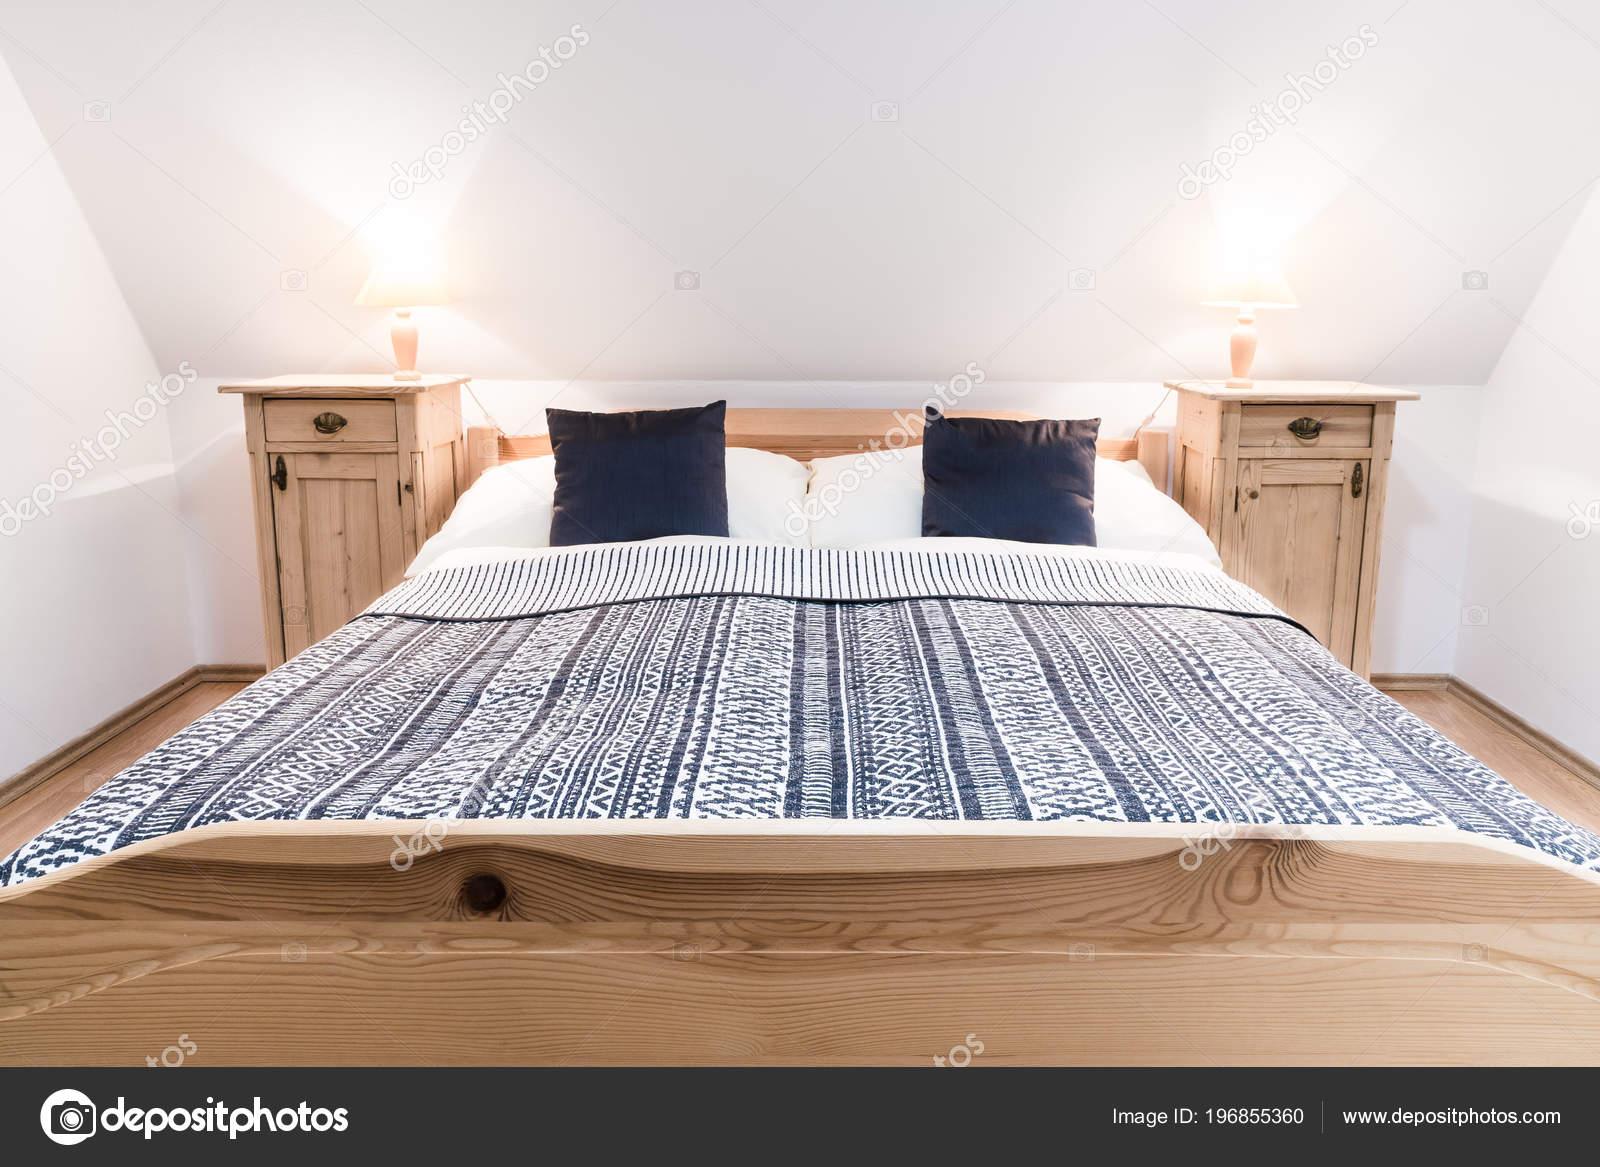 Letto legno due persone camera luminoso accogliente letto